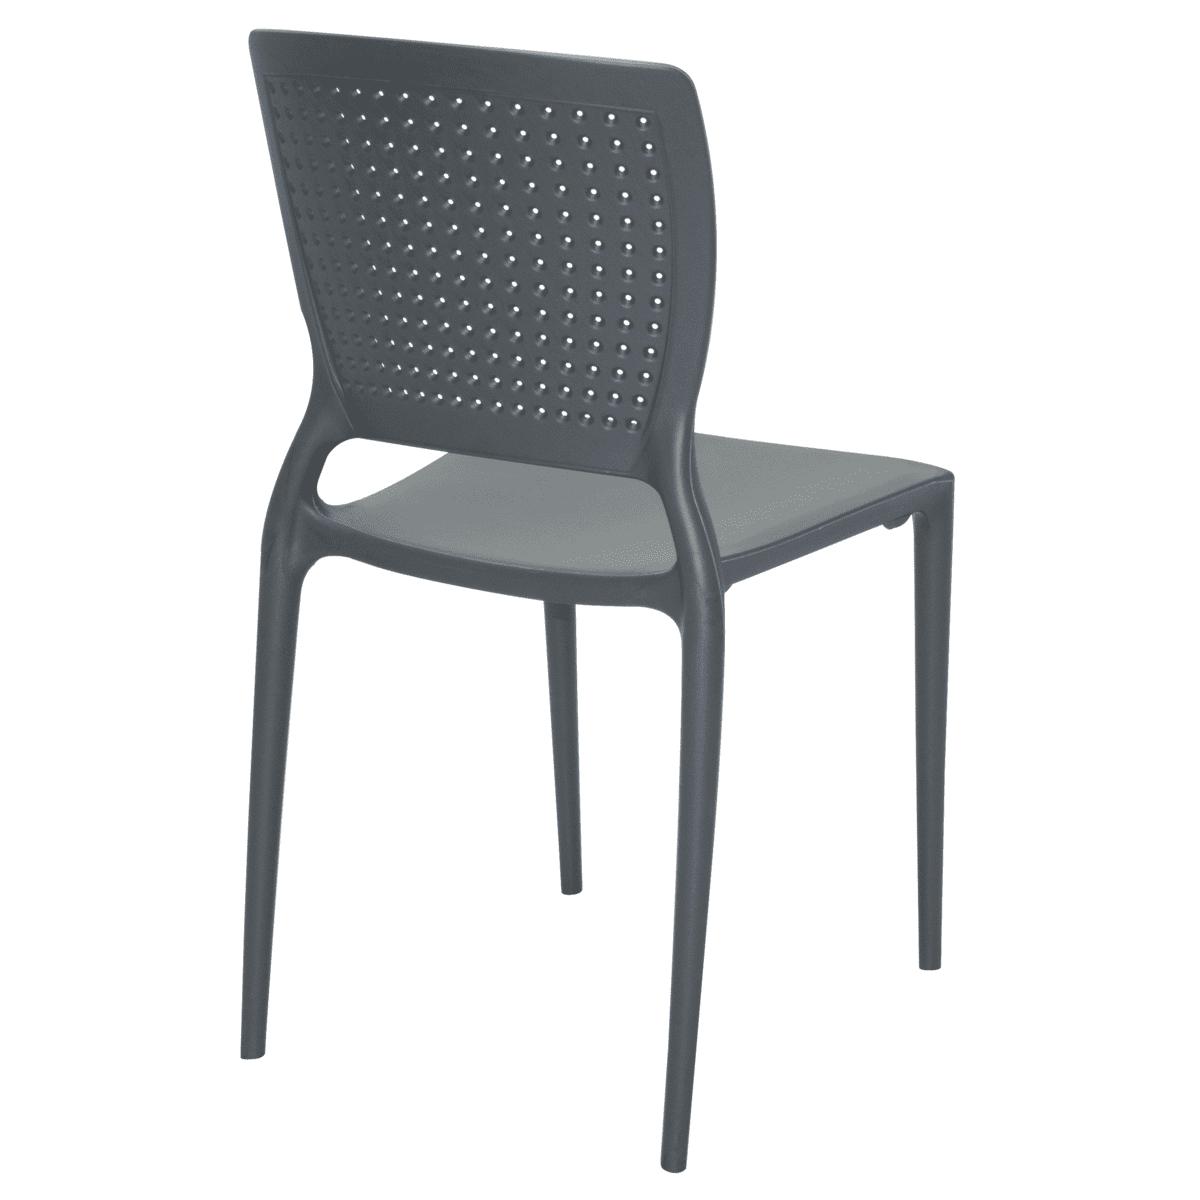 Cadeira Tramontina Safira Grafite 92048/007 Conjunto 4 peças  - Casa Mattos